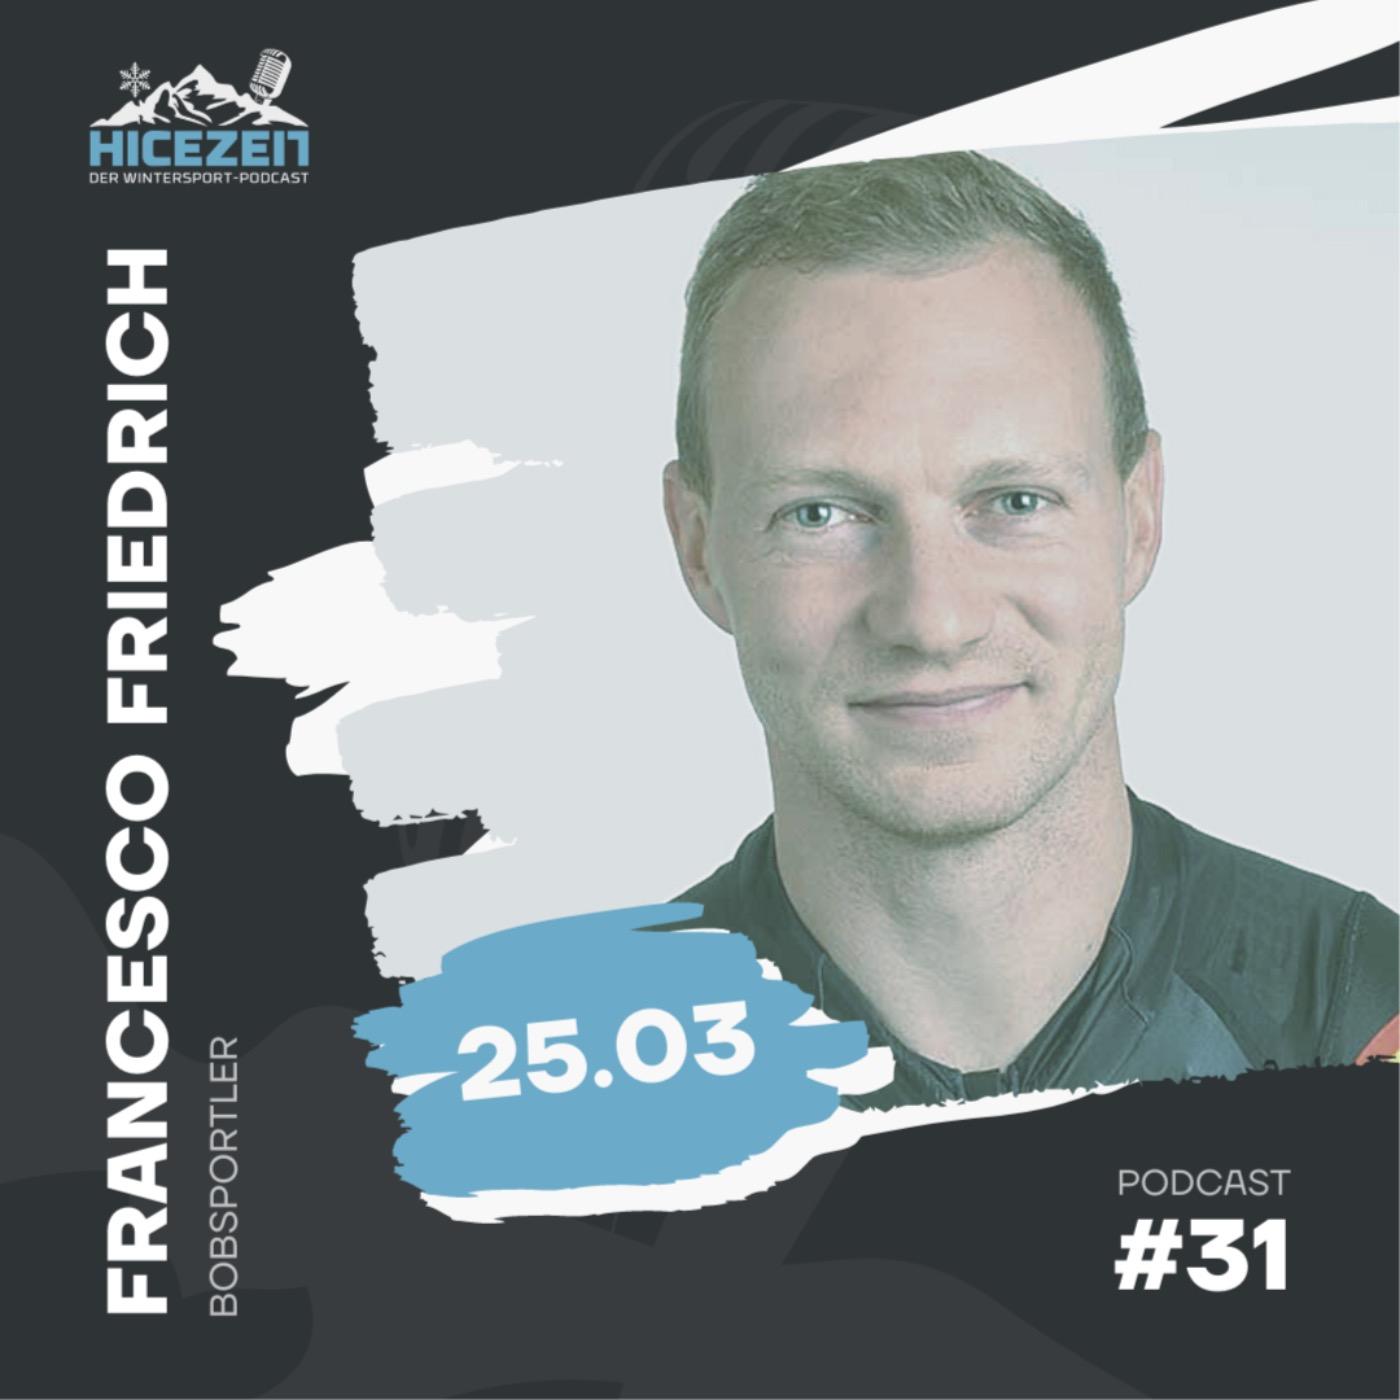 Francesco Friedrich, Bobsportler, Der Wintersport-Podcast Folge 31